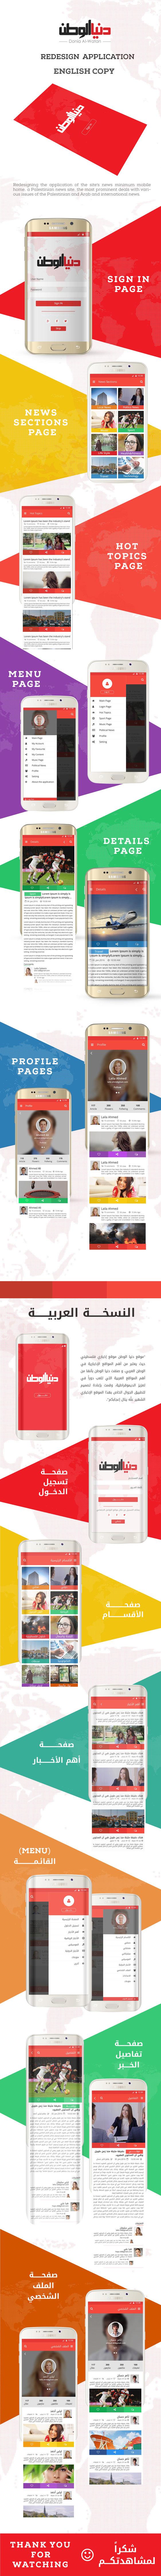 إعادة تصميم تطبيق موبايل للموقع الاخباري الشهير دنيا الوطن